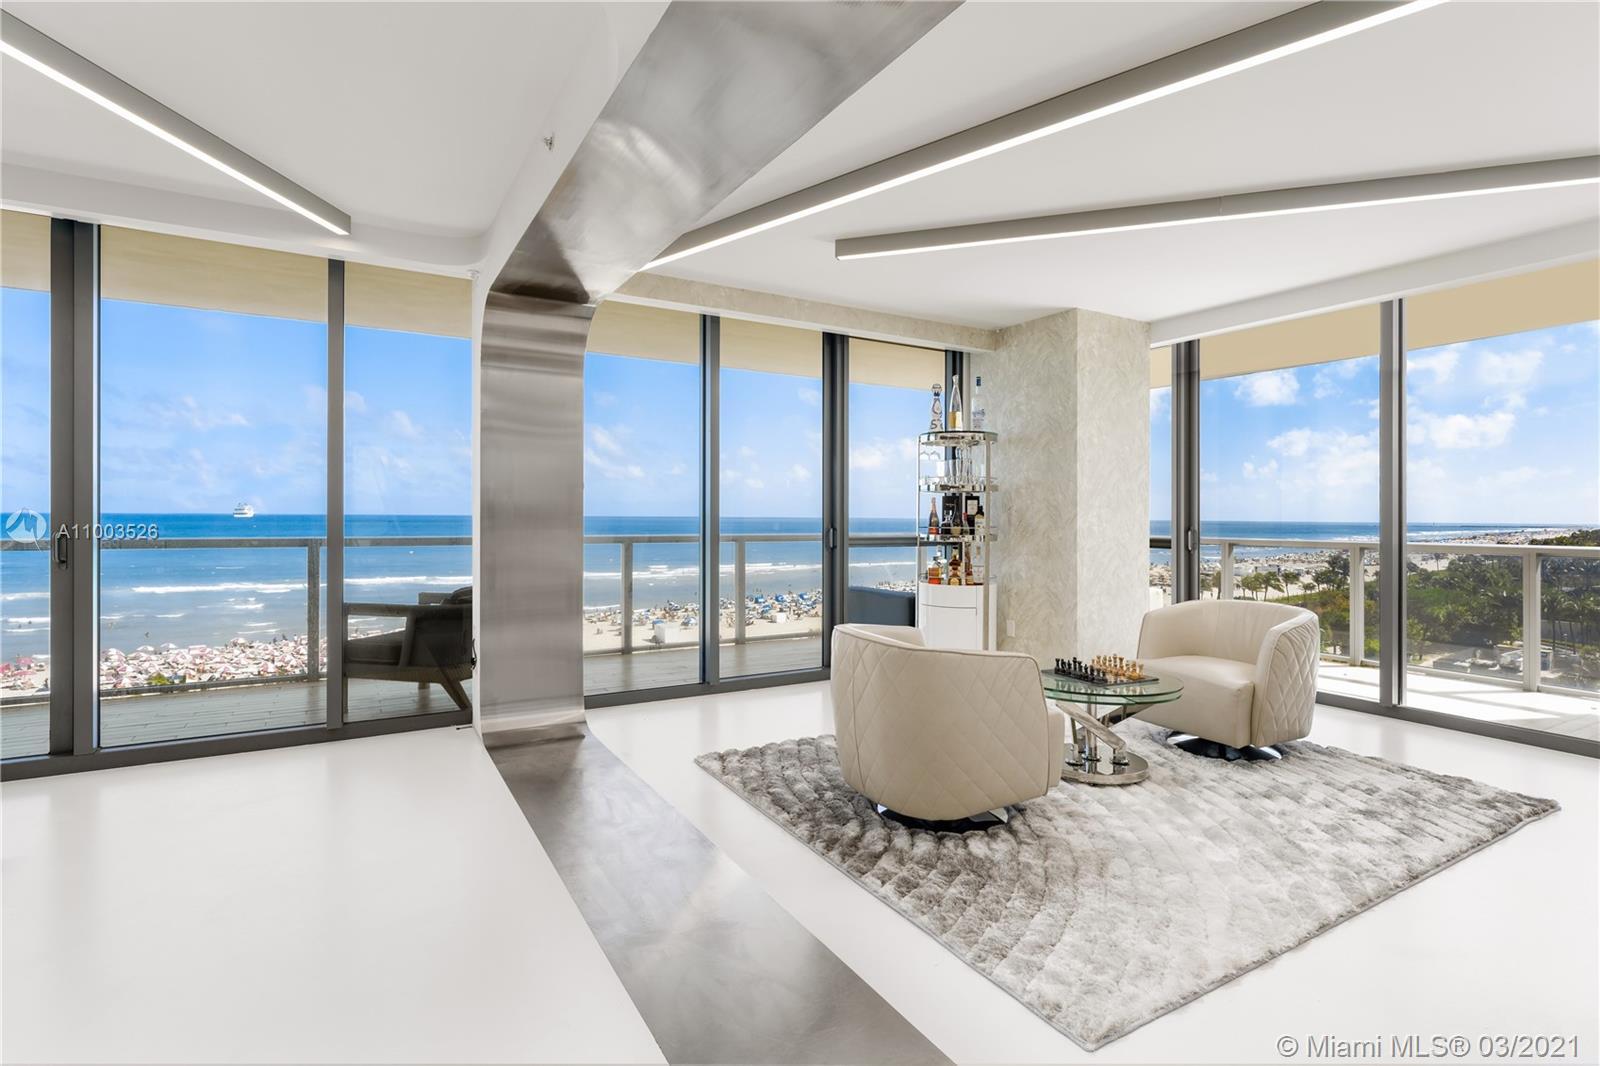 2201 Collins Ave Unit 726/728/730, Miami Beach, Florida 33139